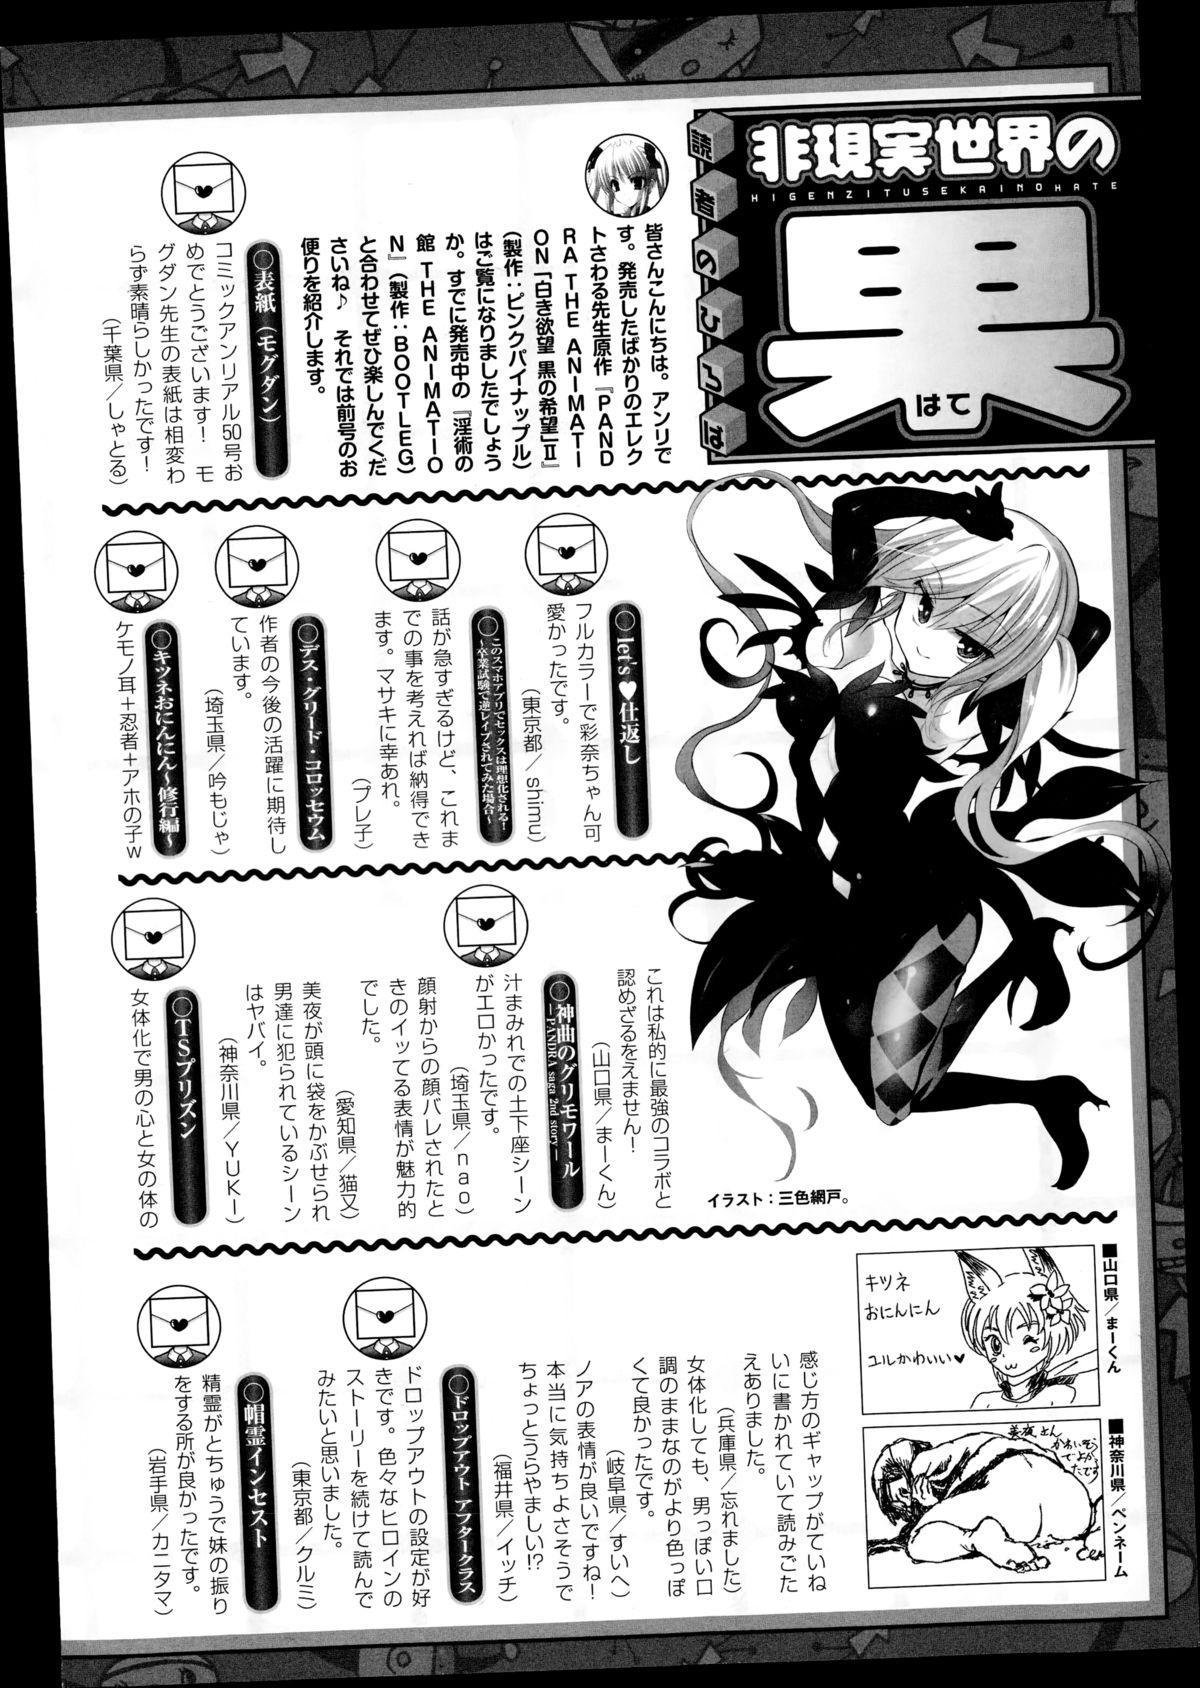 COMIC Unreal 2014-10 Vol.51 443